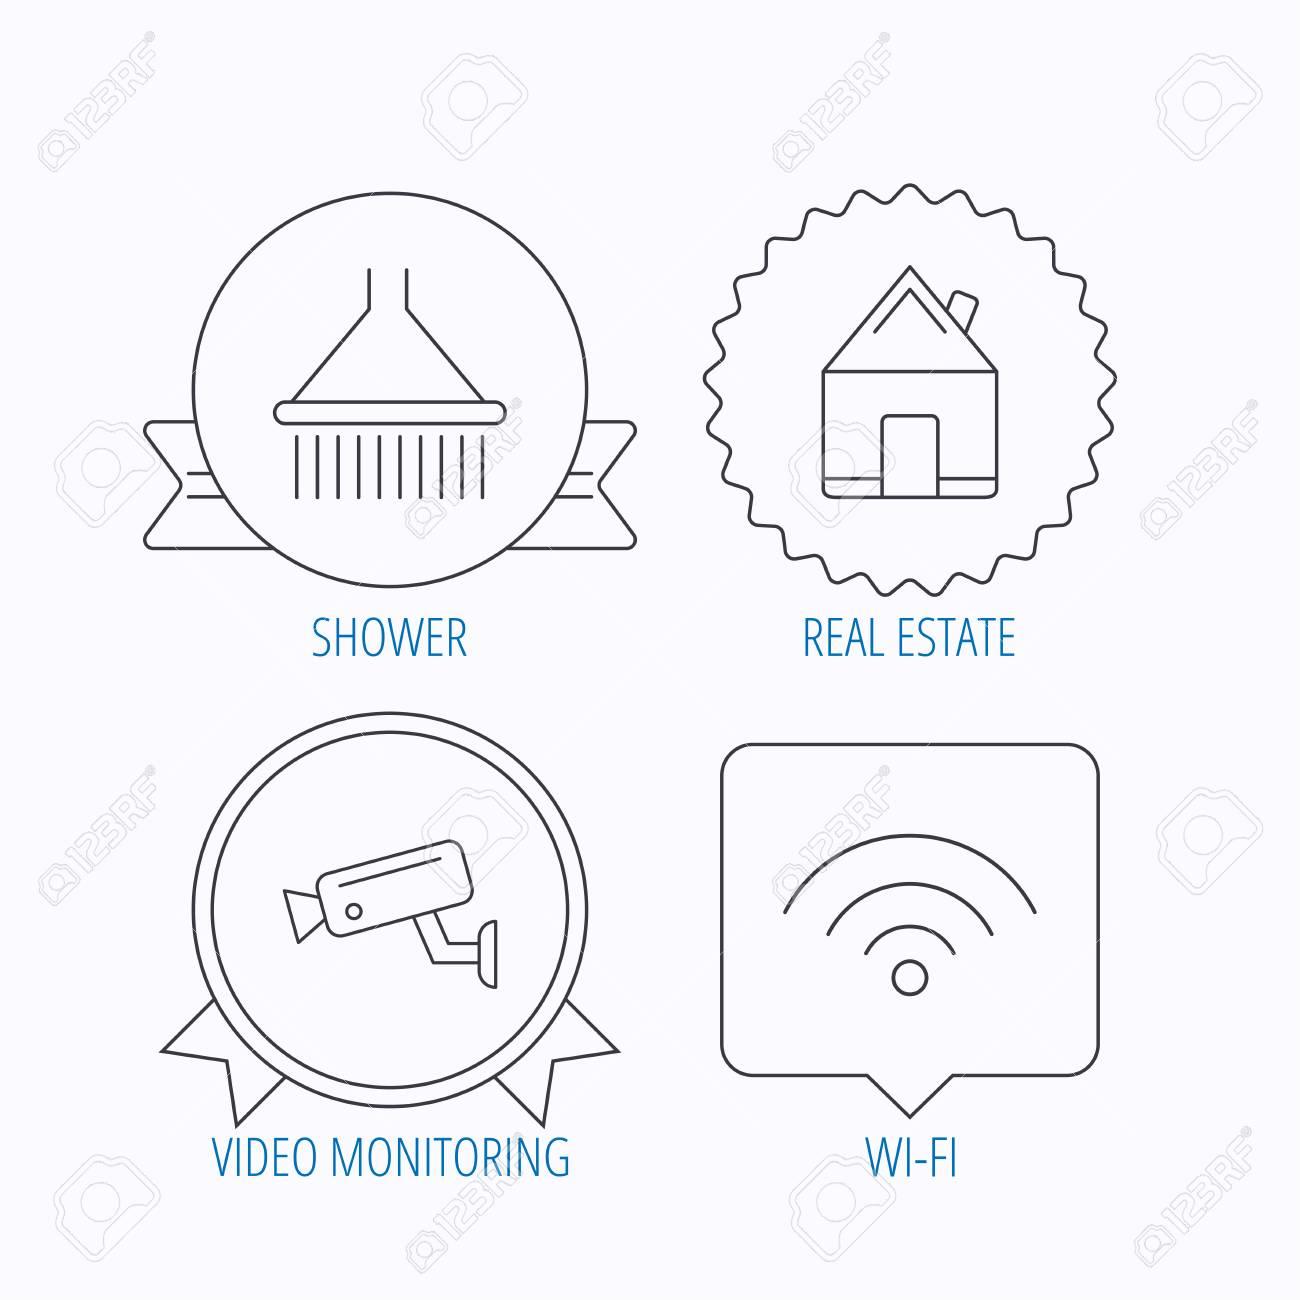 Wireless Lan Videoberwachung Und Immobilien Symbole Dusche Diagram Standard Bild Lineare Zeichen Award Medaille Star Label Sprechblase Designs Vektor